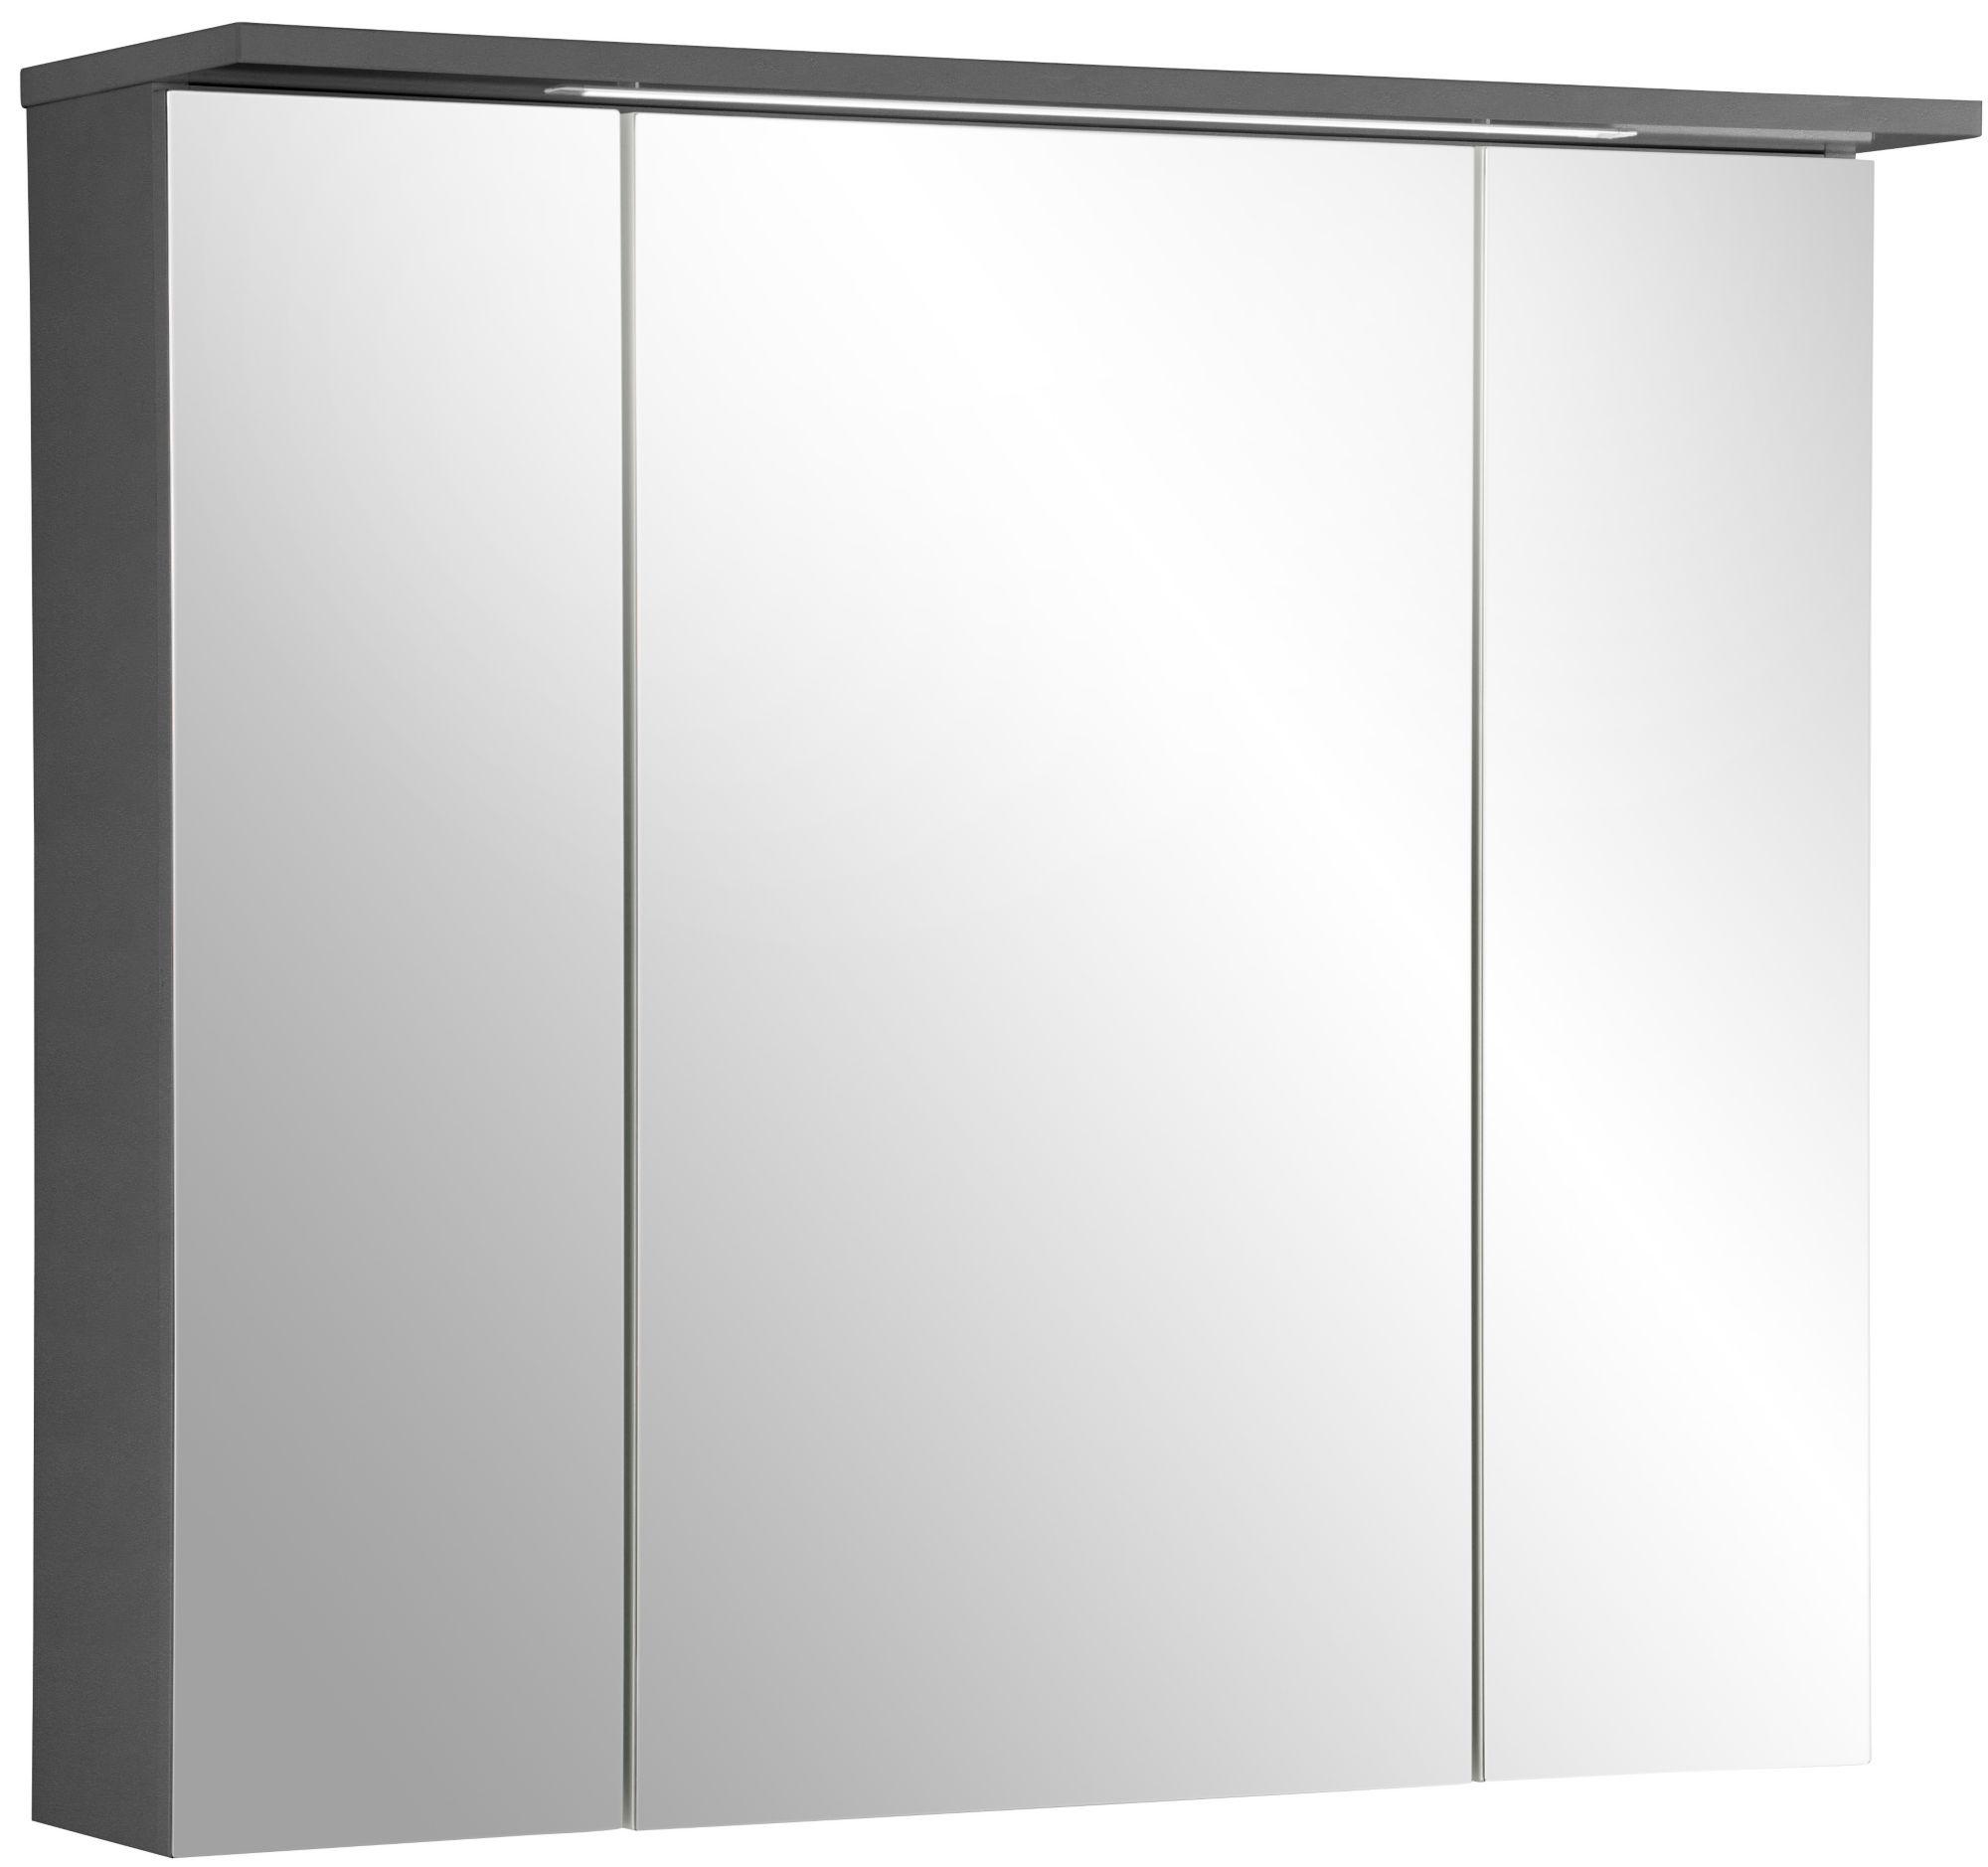 spiegelschrank merle breite 80 cm schwab versand. Black Bedroom Furniture Sets. Home Design Ideas